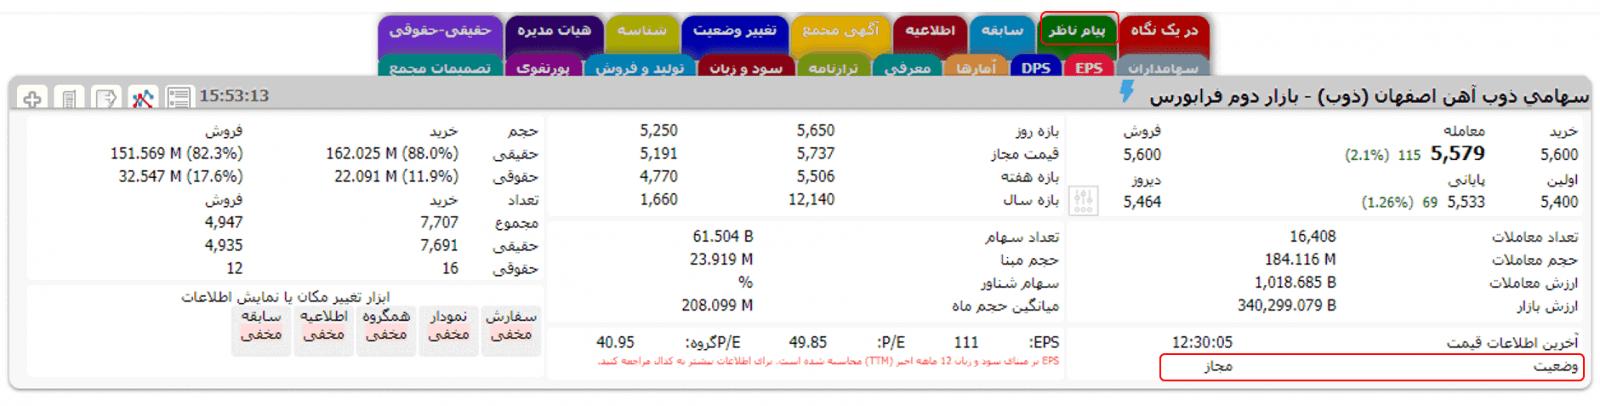 وضعیت معاملاتی هر سهم را میتوانید در تابلو معاملاعتی آن مشاهده کنید.